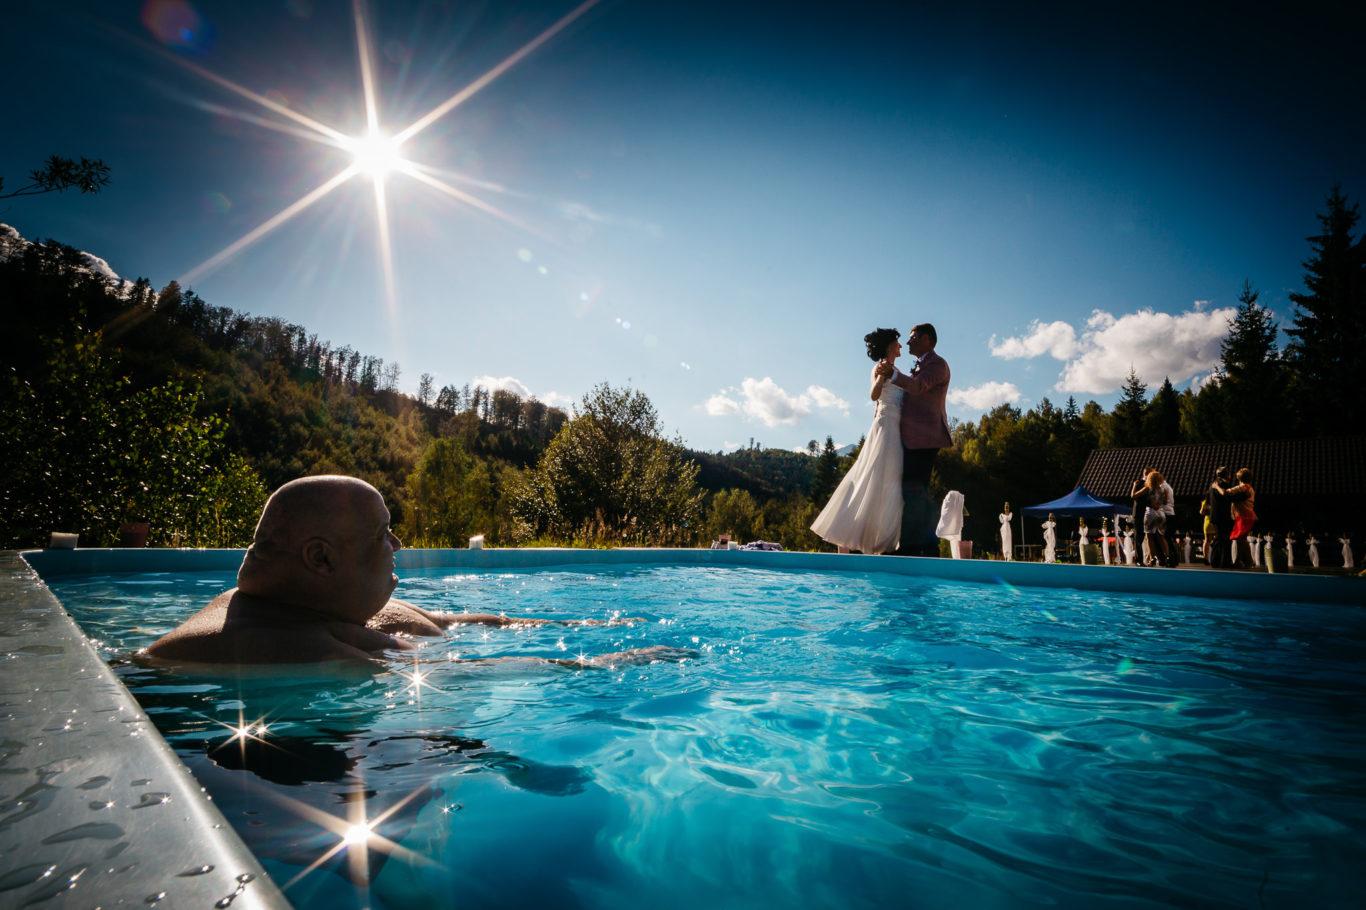 0323-fotografie-nunta-valea-de-pesti-vero-dani-fotograf-ciprian-dumitrescu-cd2_0842